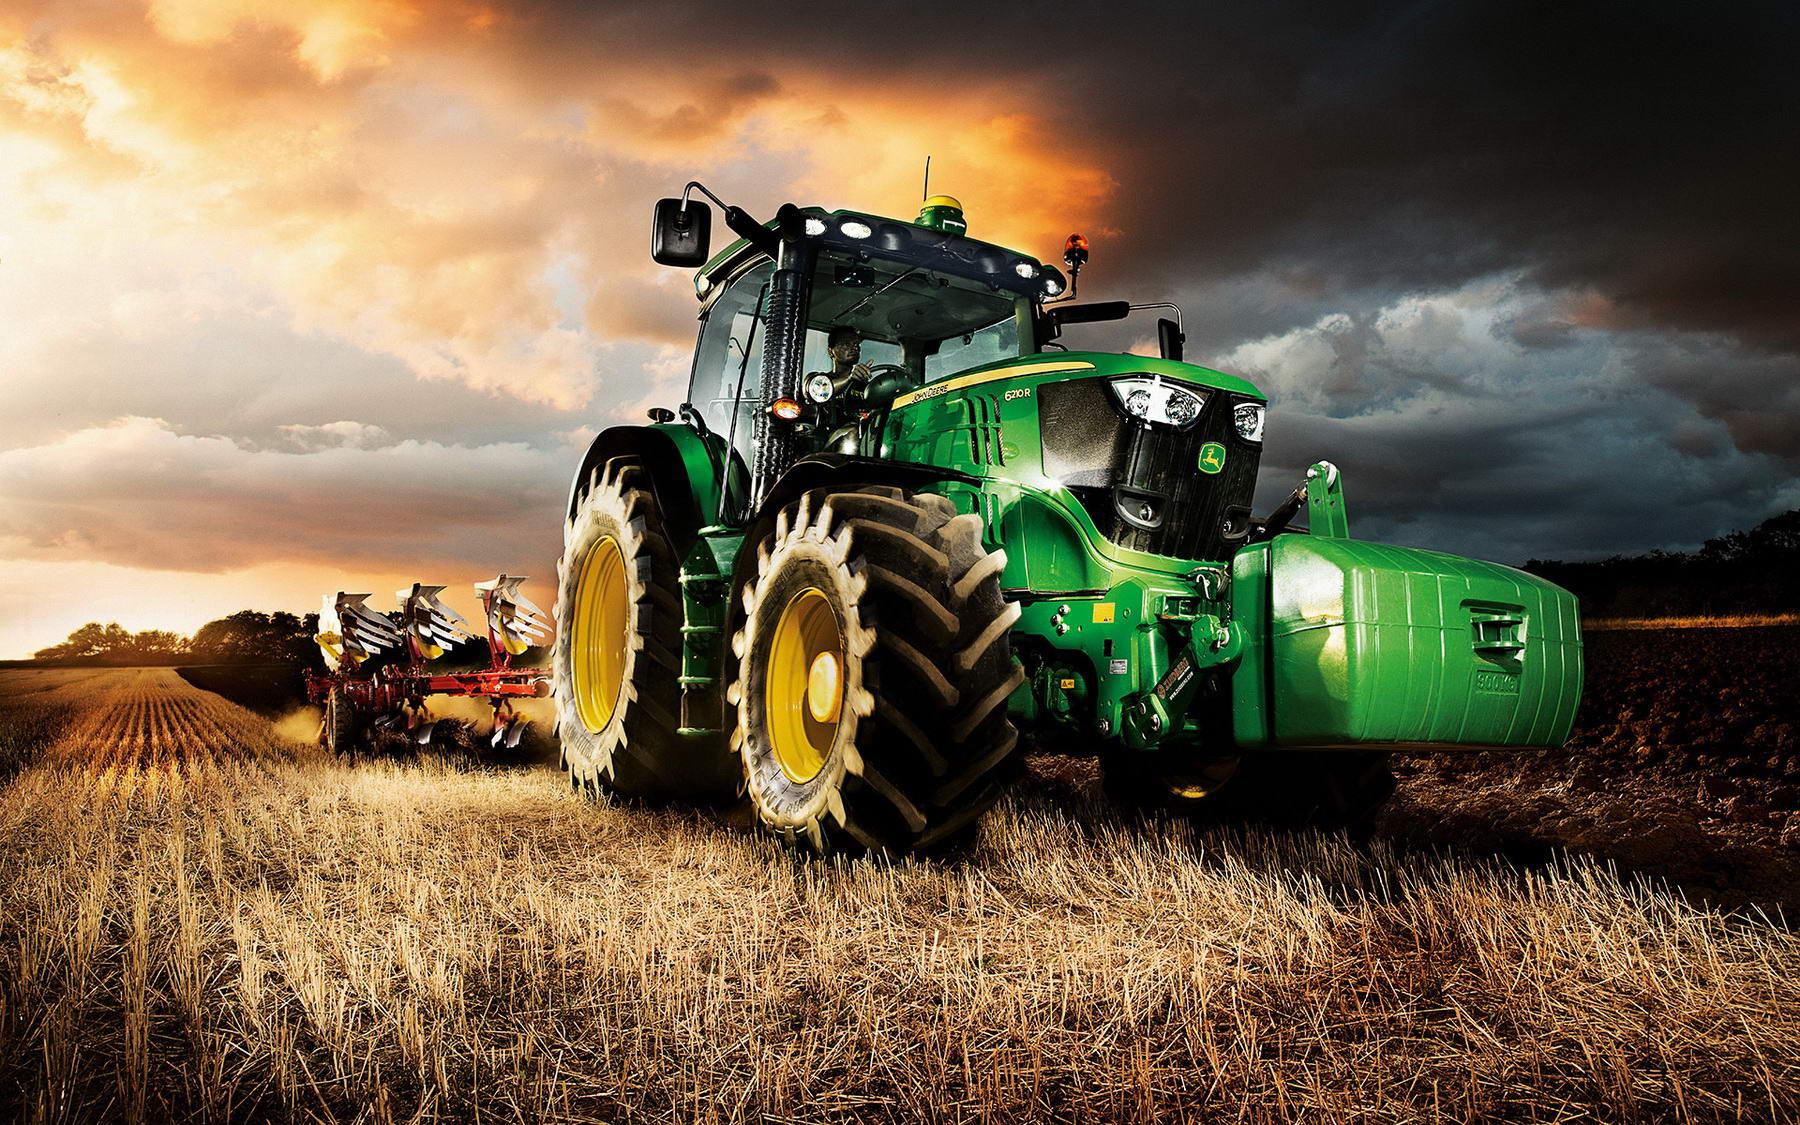 Американские фермеры вынуждены перепрошивать тракторы John Deere украинской прошивкой - «Хакер»